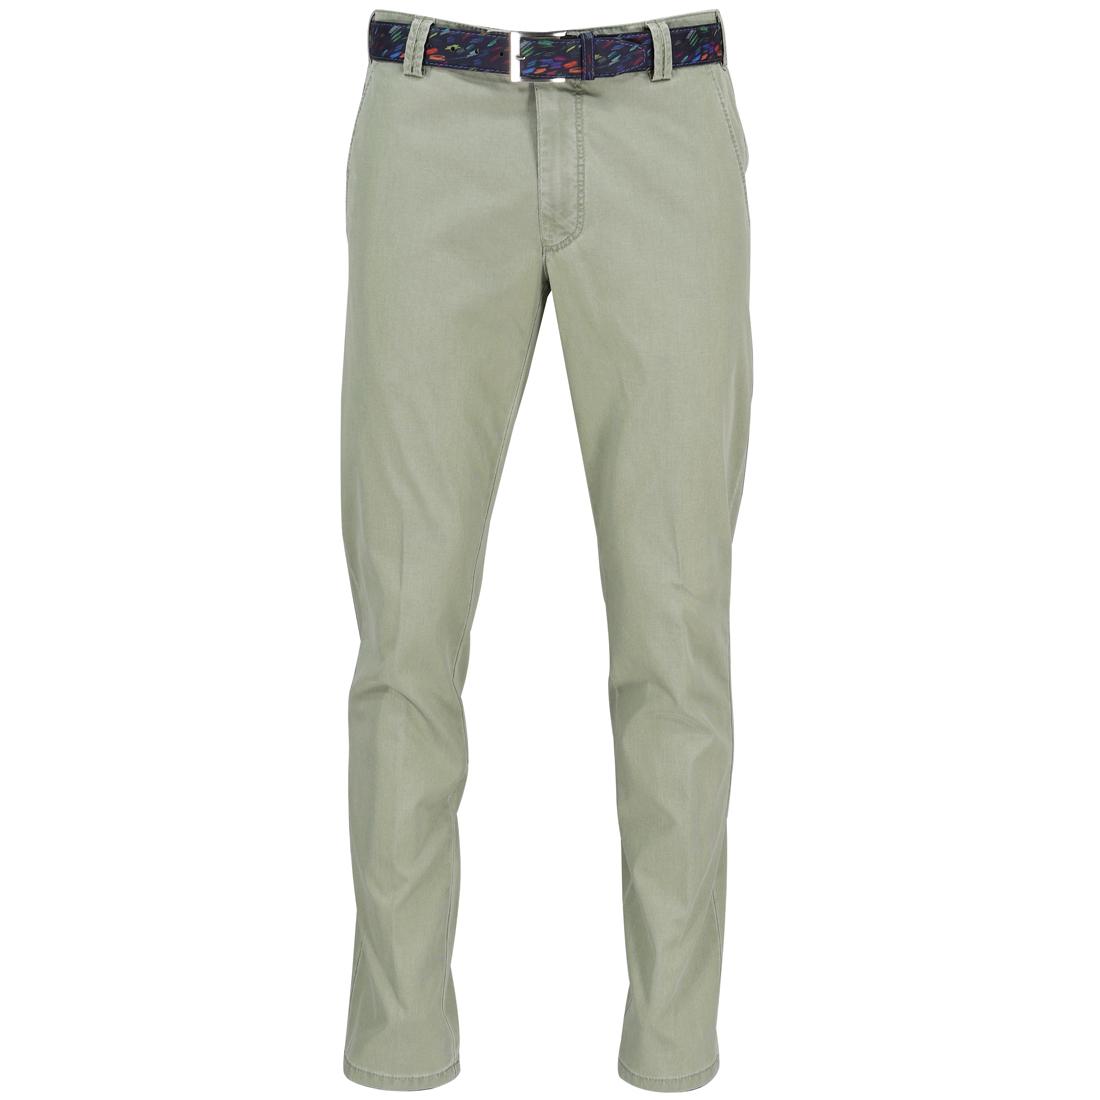 Meyer Hosen broeken Bonn 1021501300 in het Groen